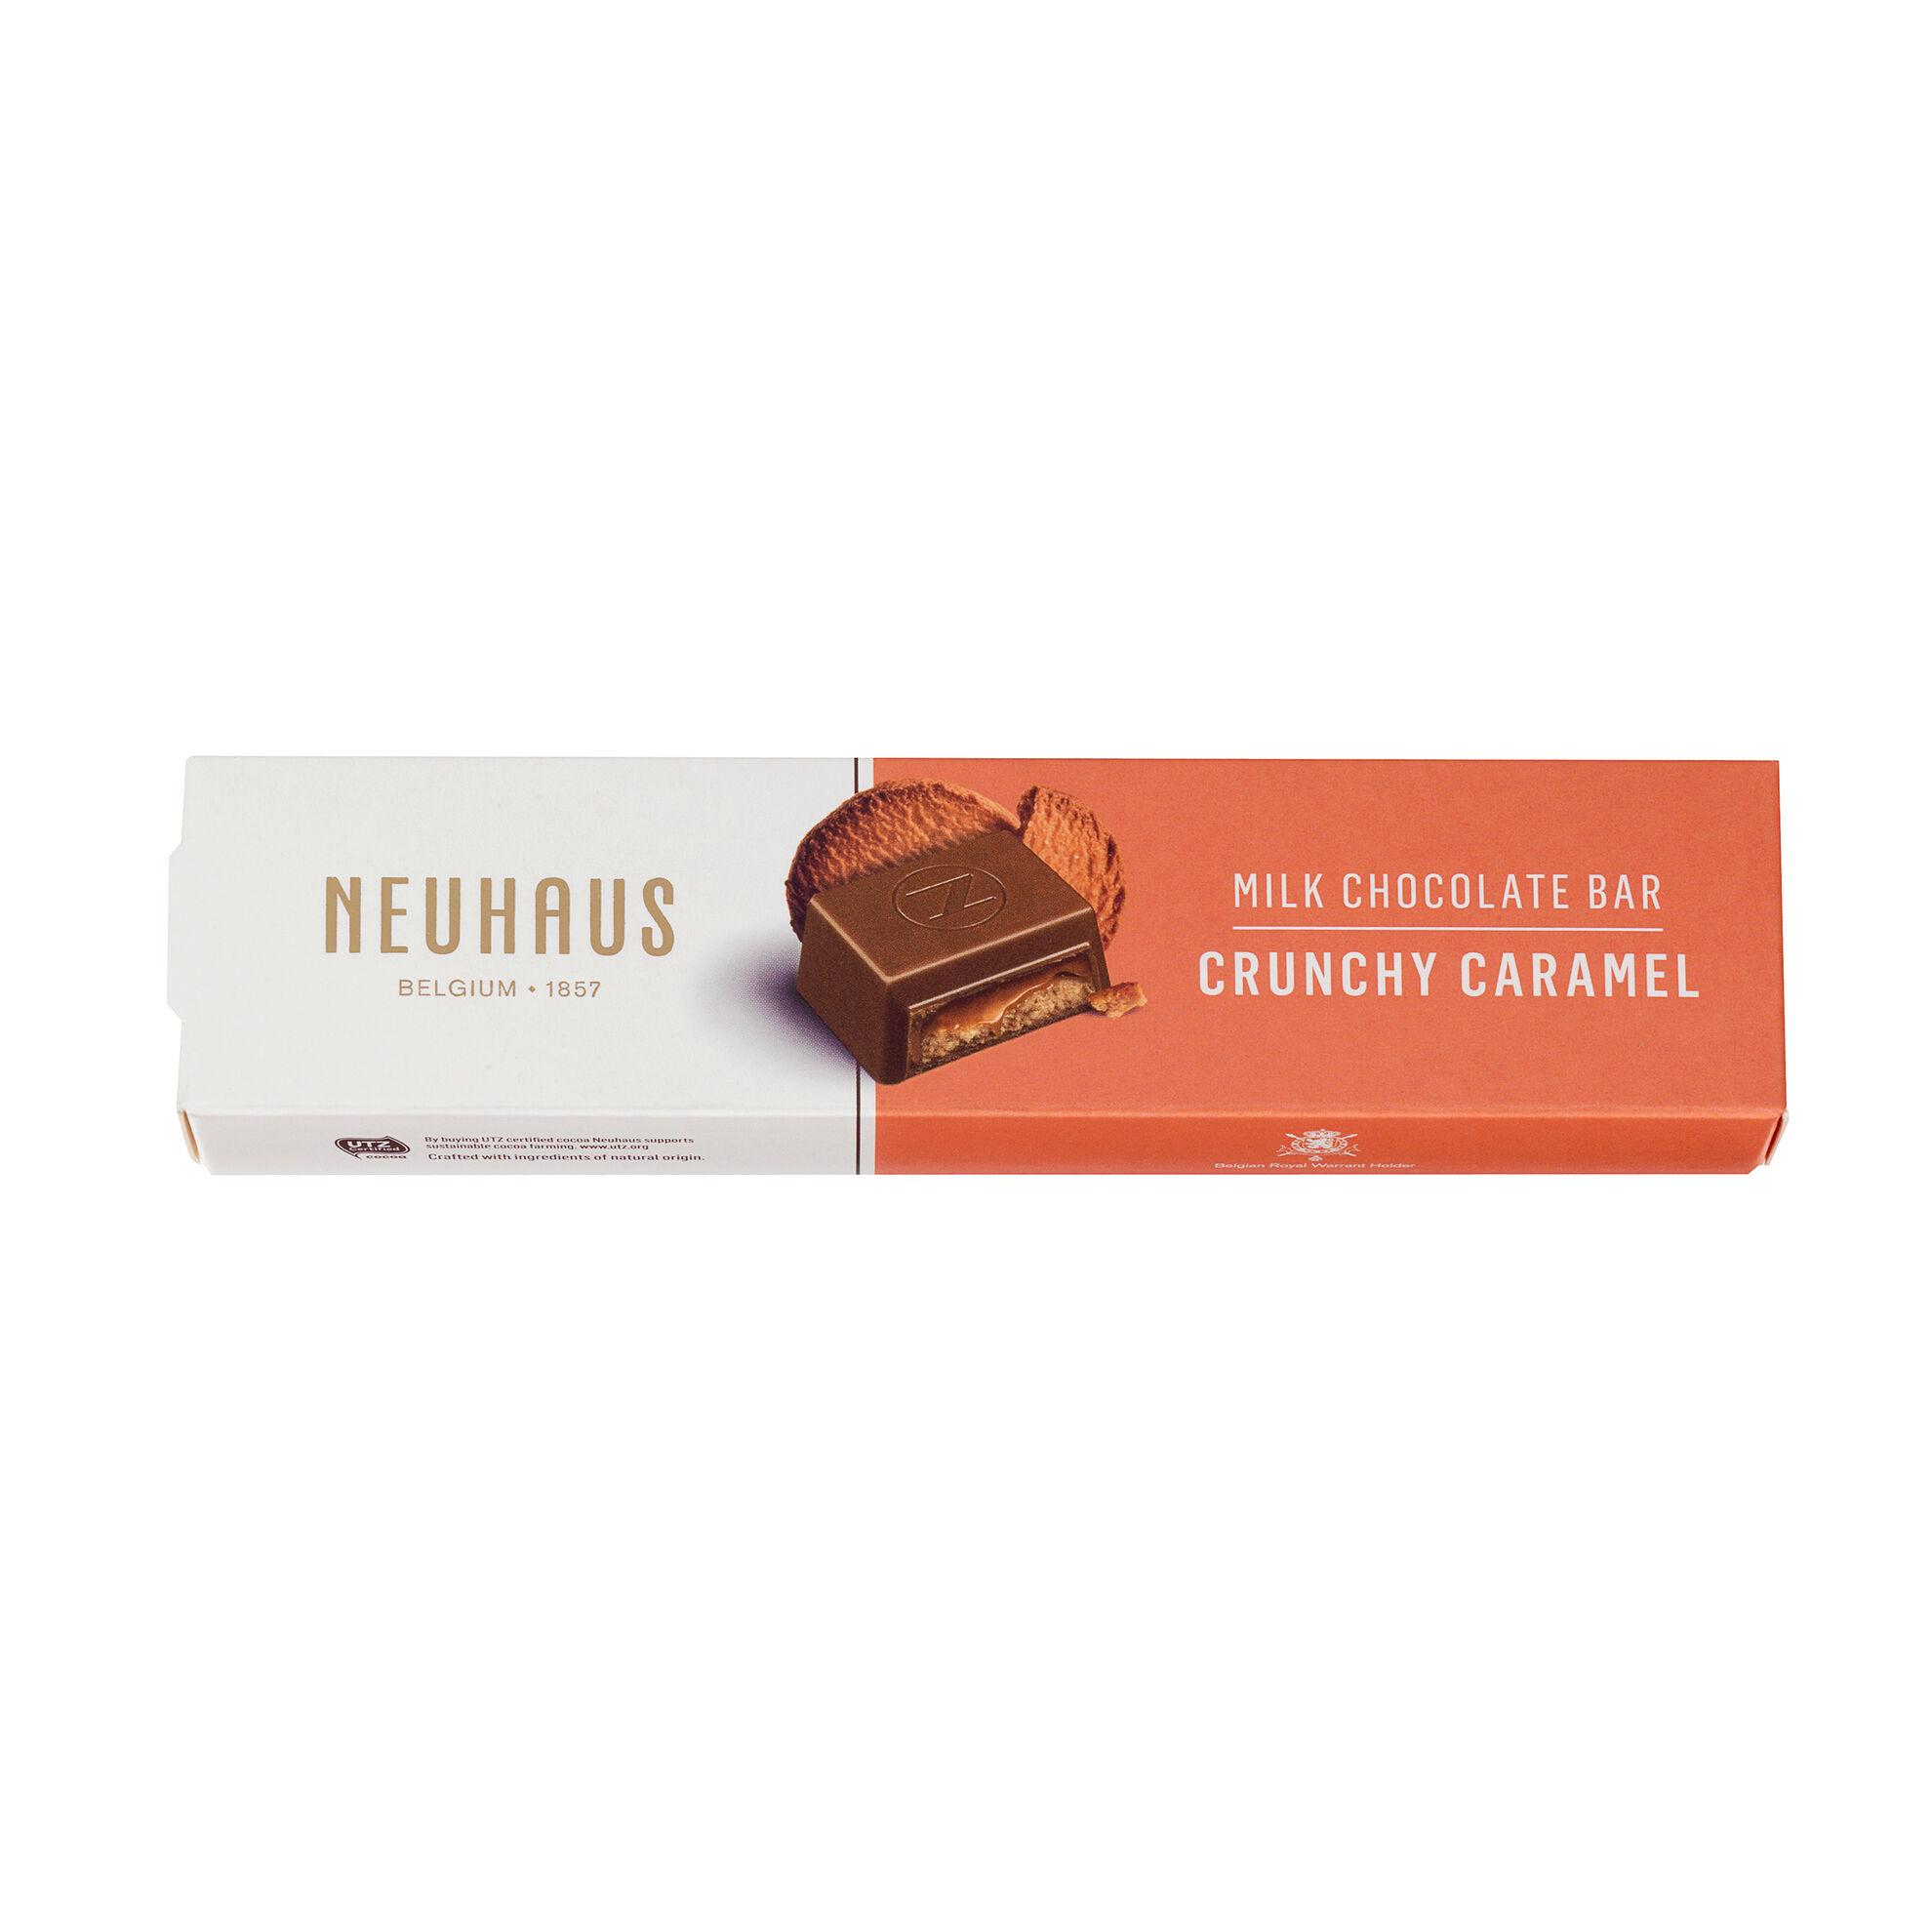 Milk Chocolate Bar - Crunchy Caramel image number 11